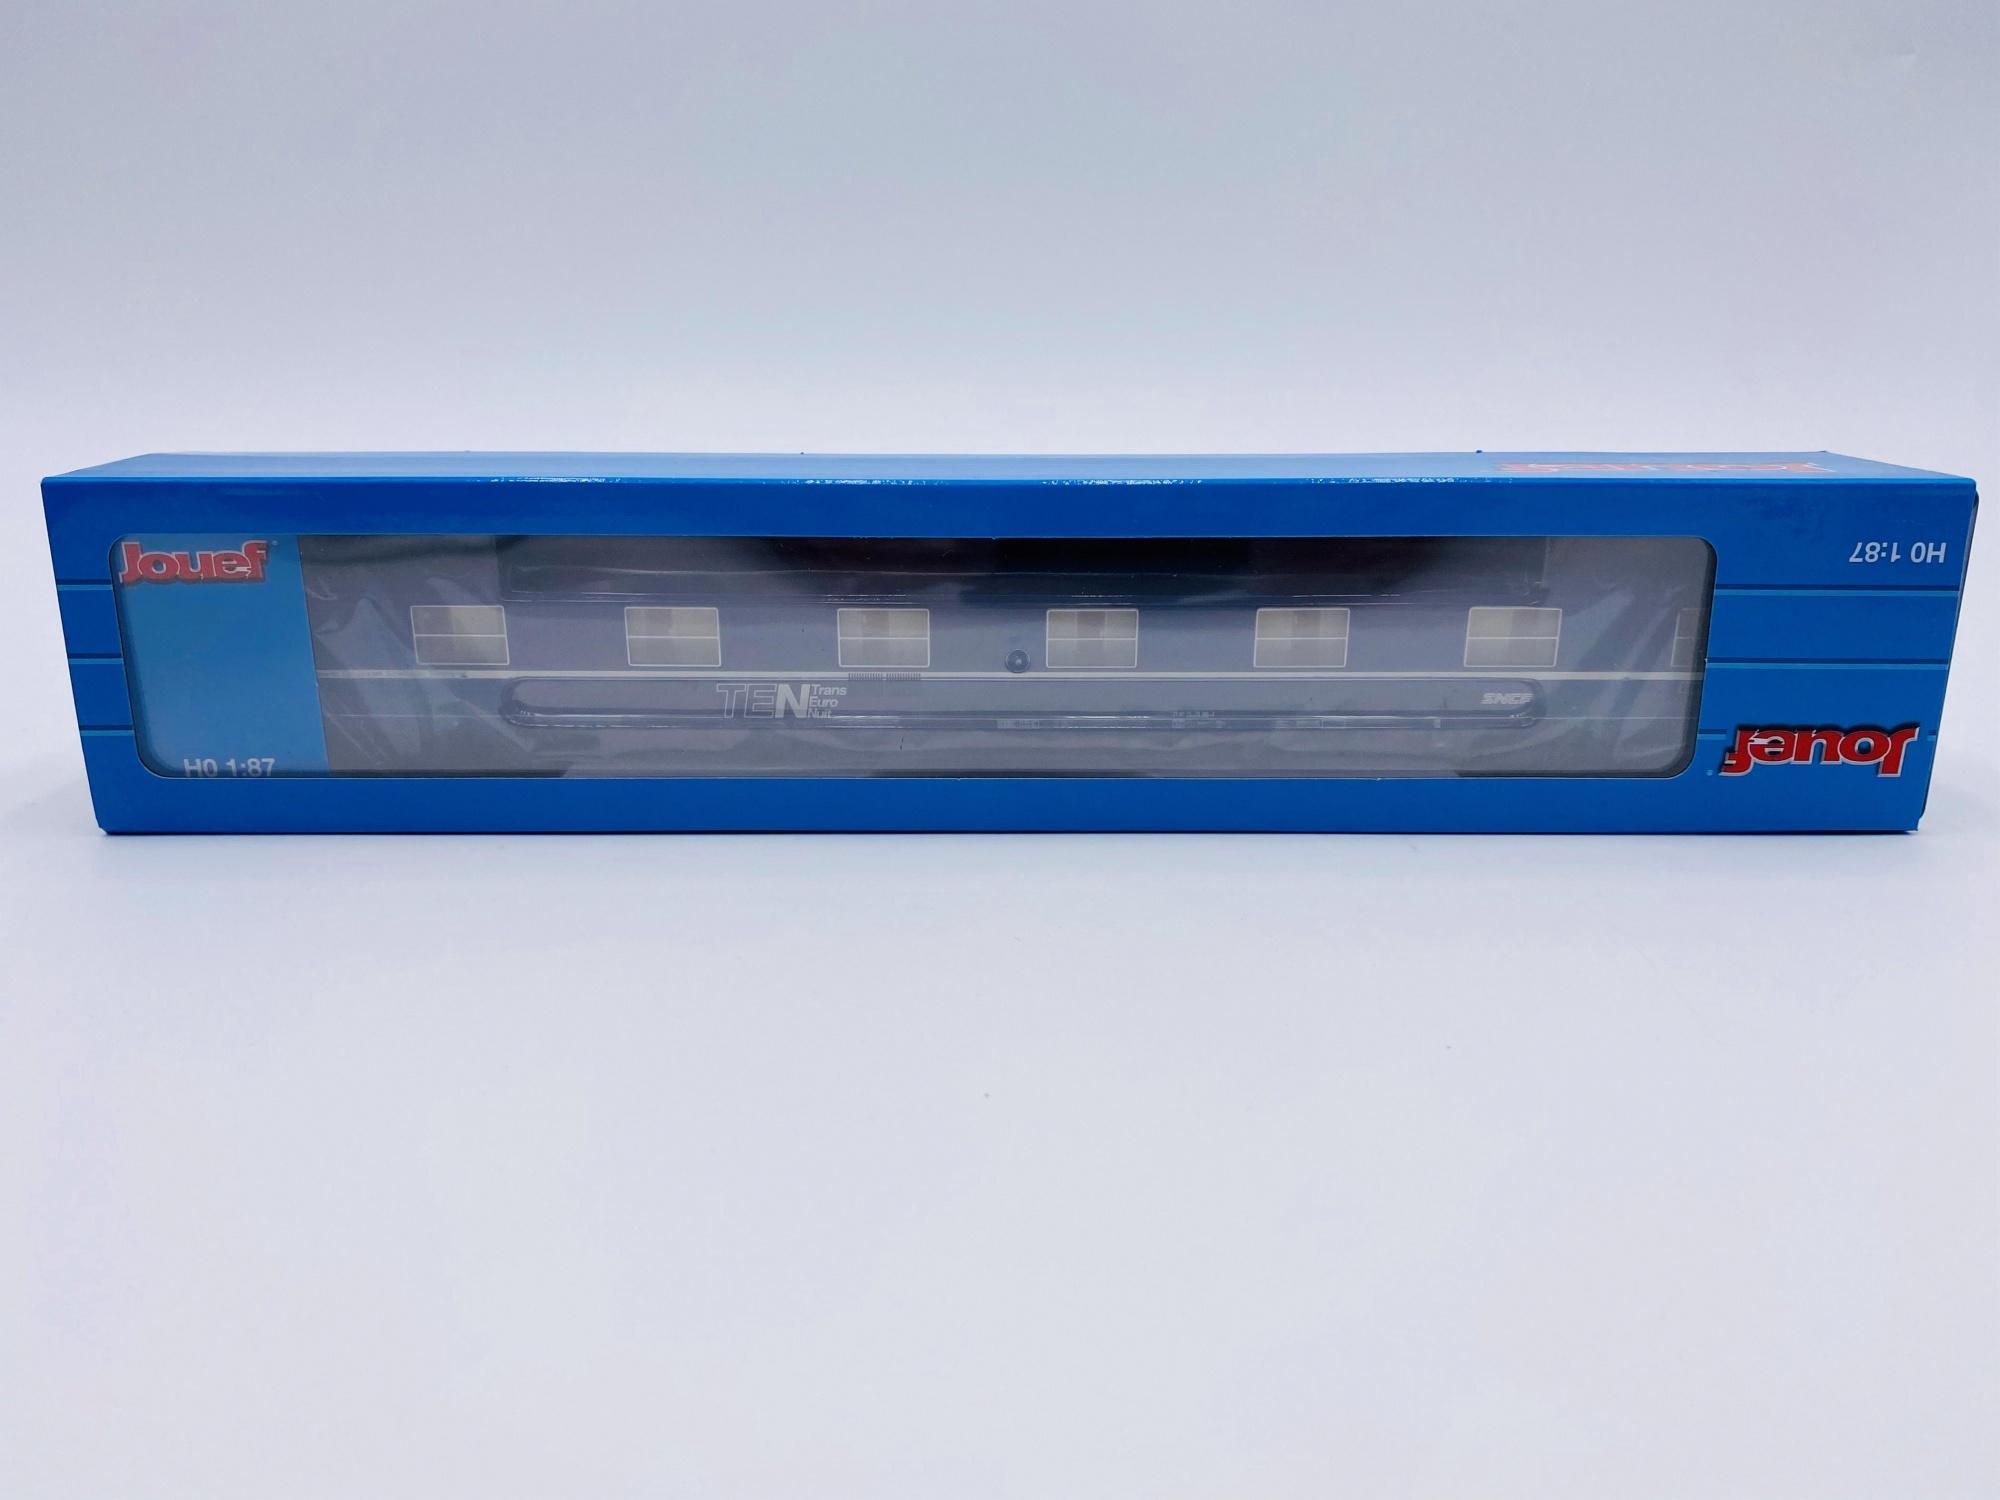 Voitures Lits Type T2 TEN Livrée Bleue & Blanche SNCF